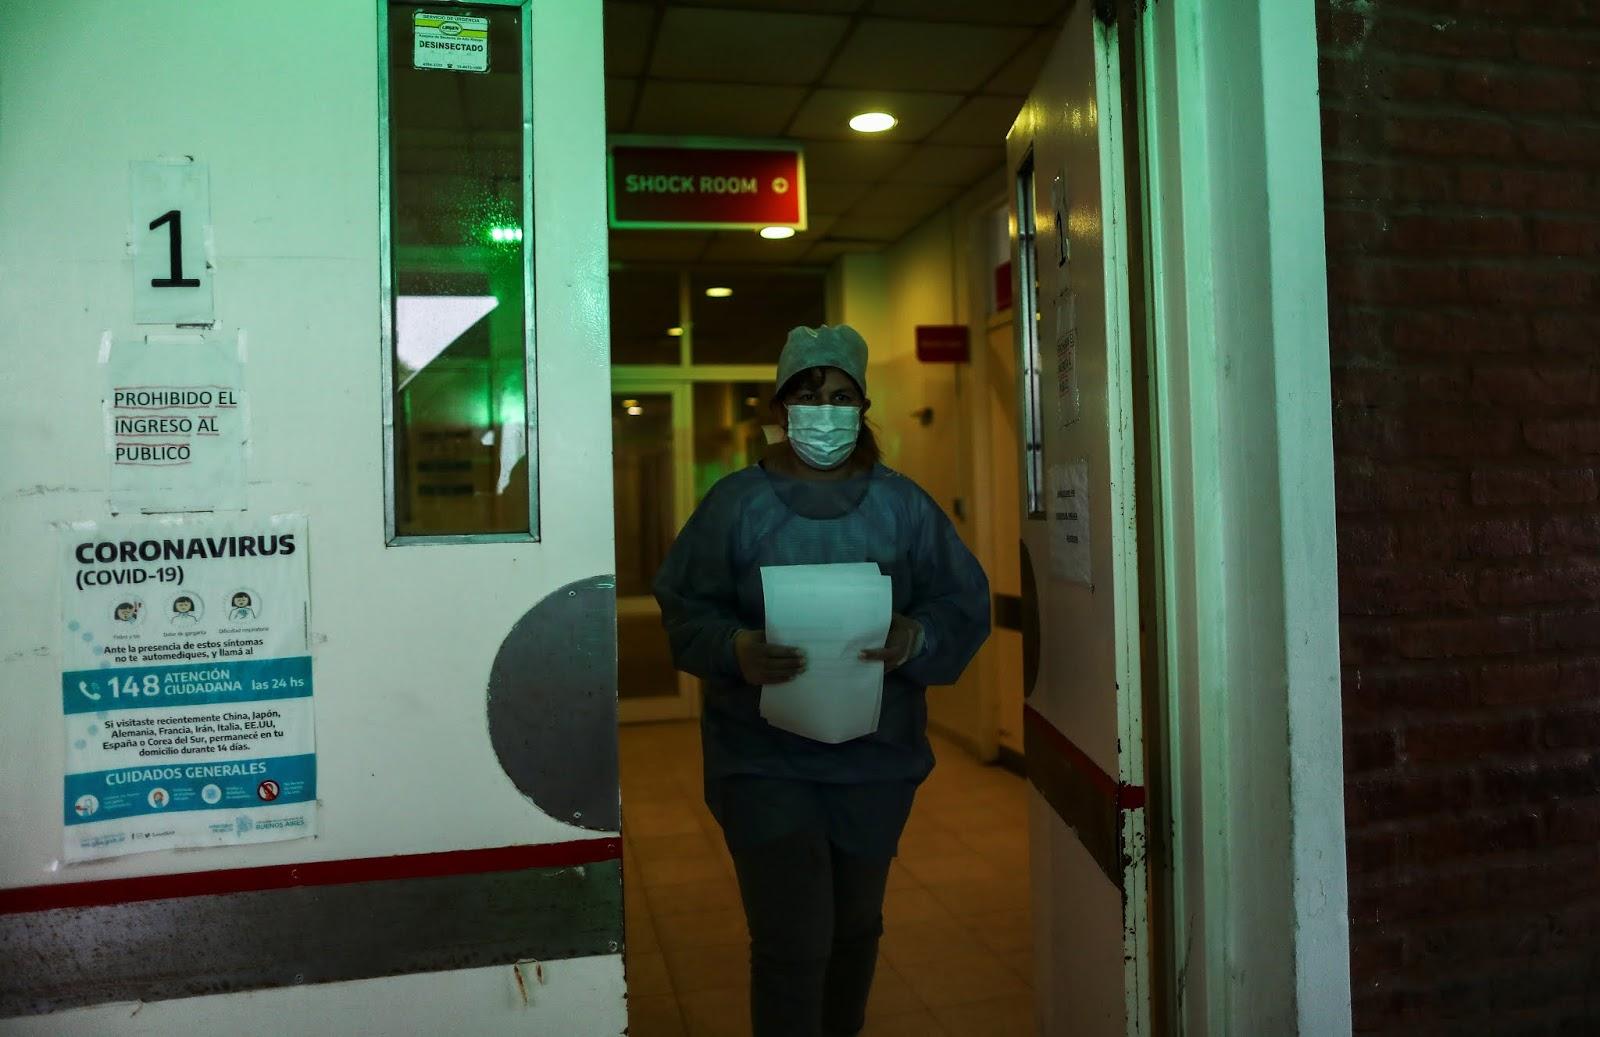 Coronavirus en Argentina reporte del dia domingo 28 de junio del 2020